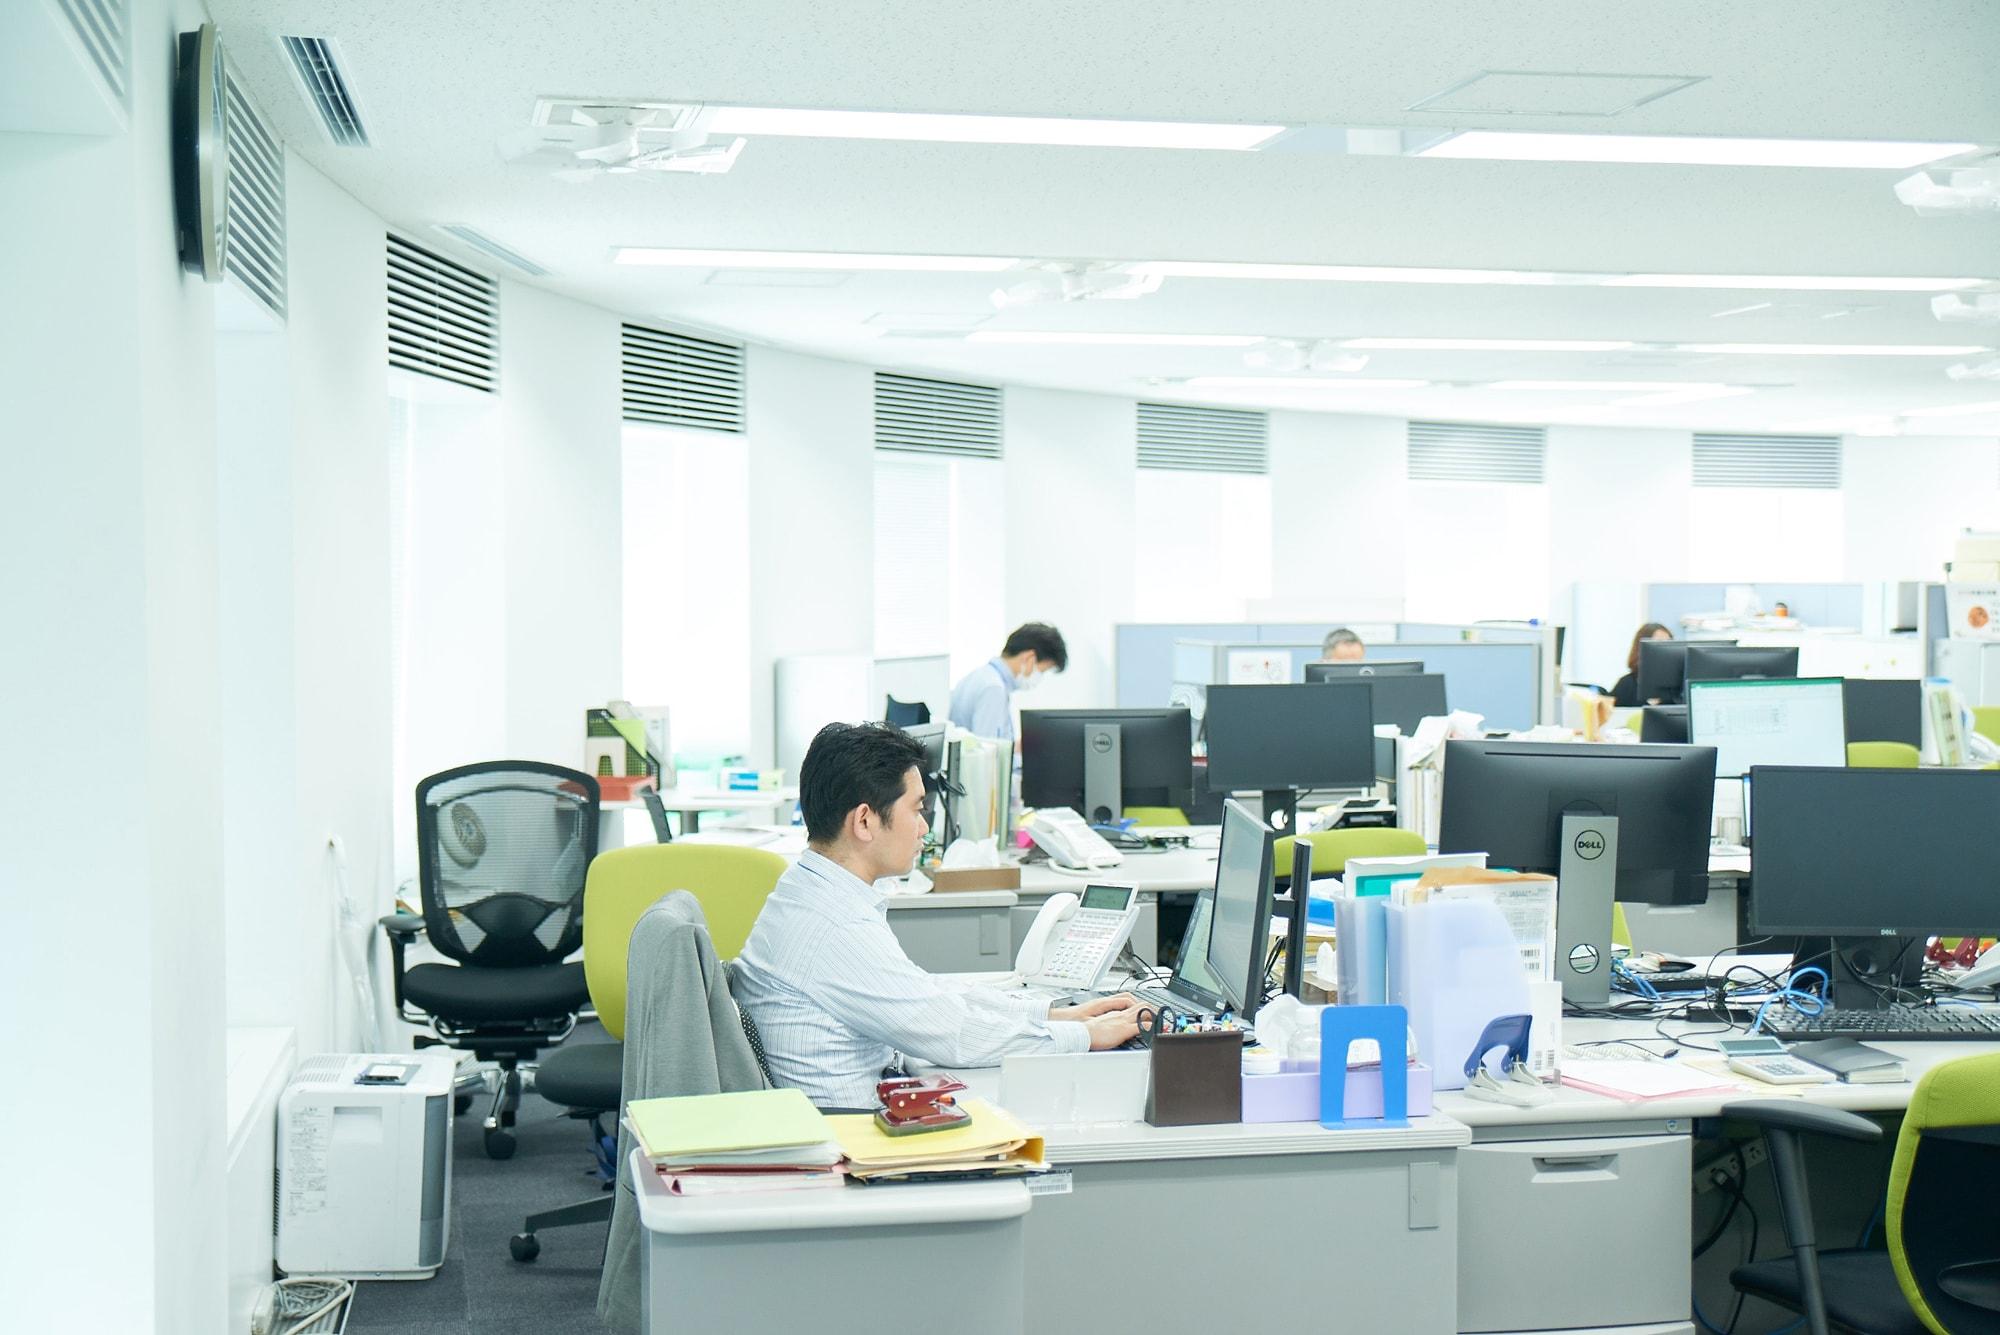 赤坂事務所のオフィスフロア。スタッフのPCはダブルモニターが標準仕様です。